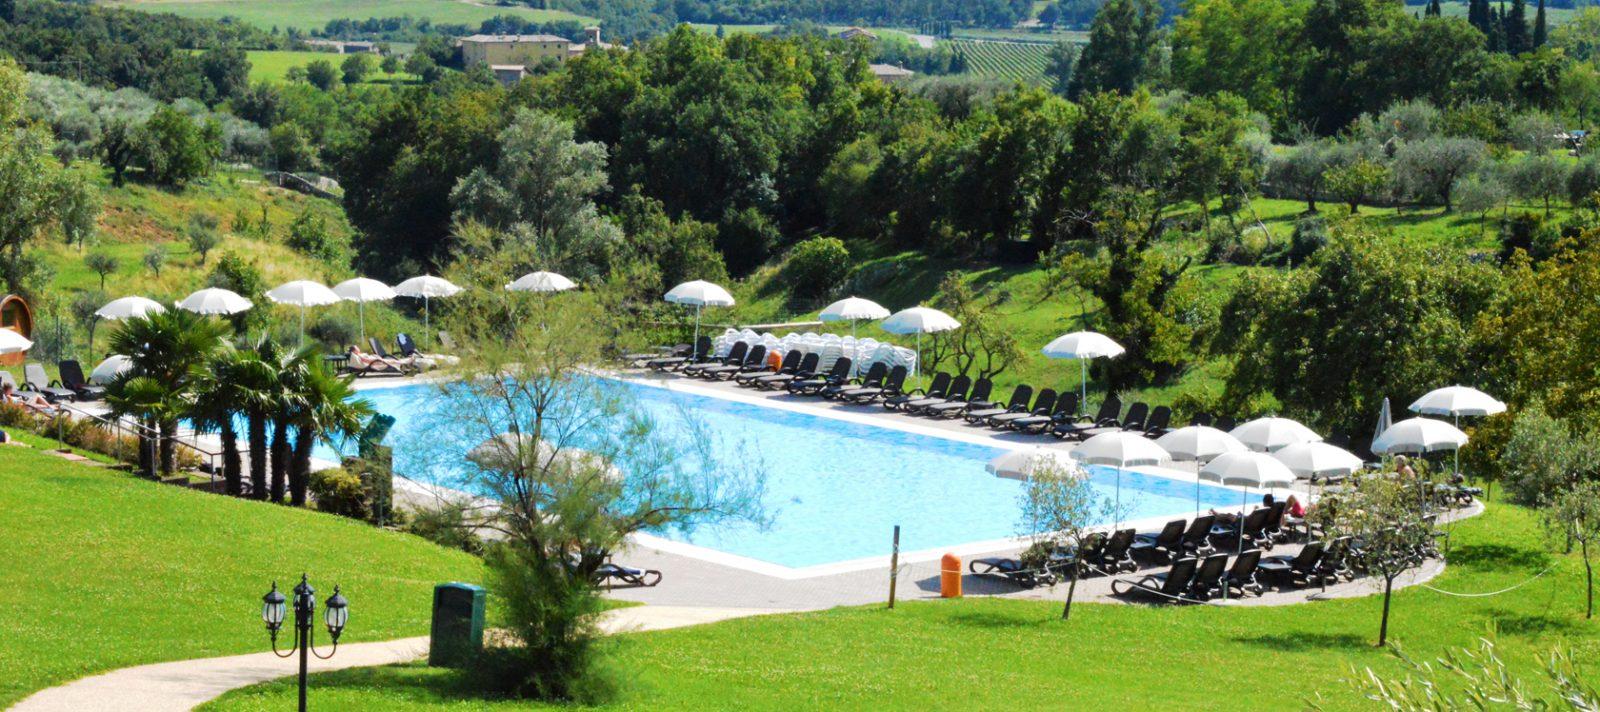 La piscina villacariola - Villa dei sogni piscina ...